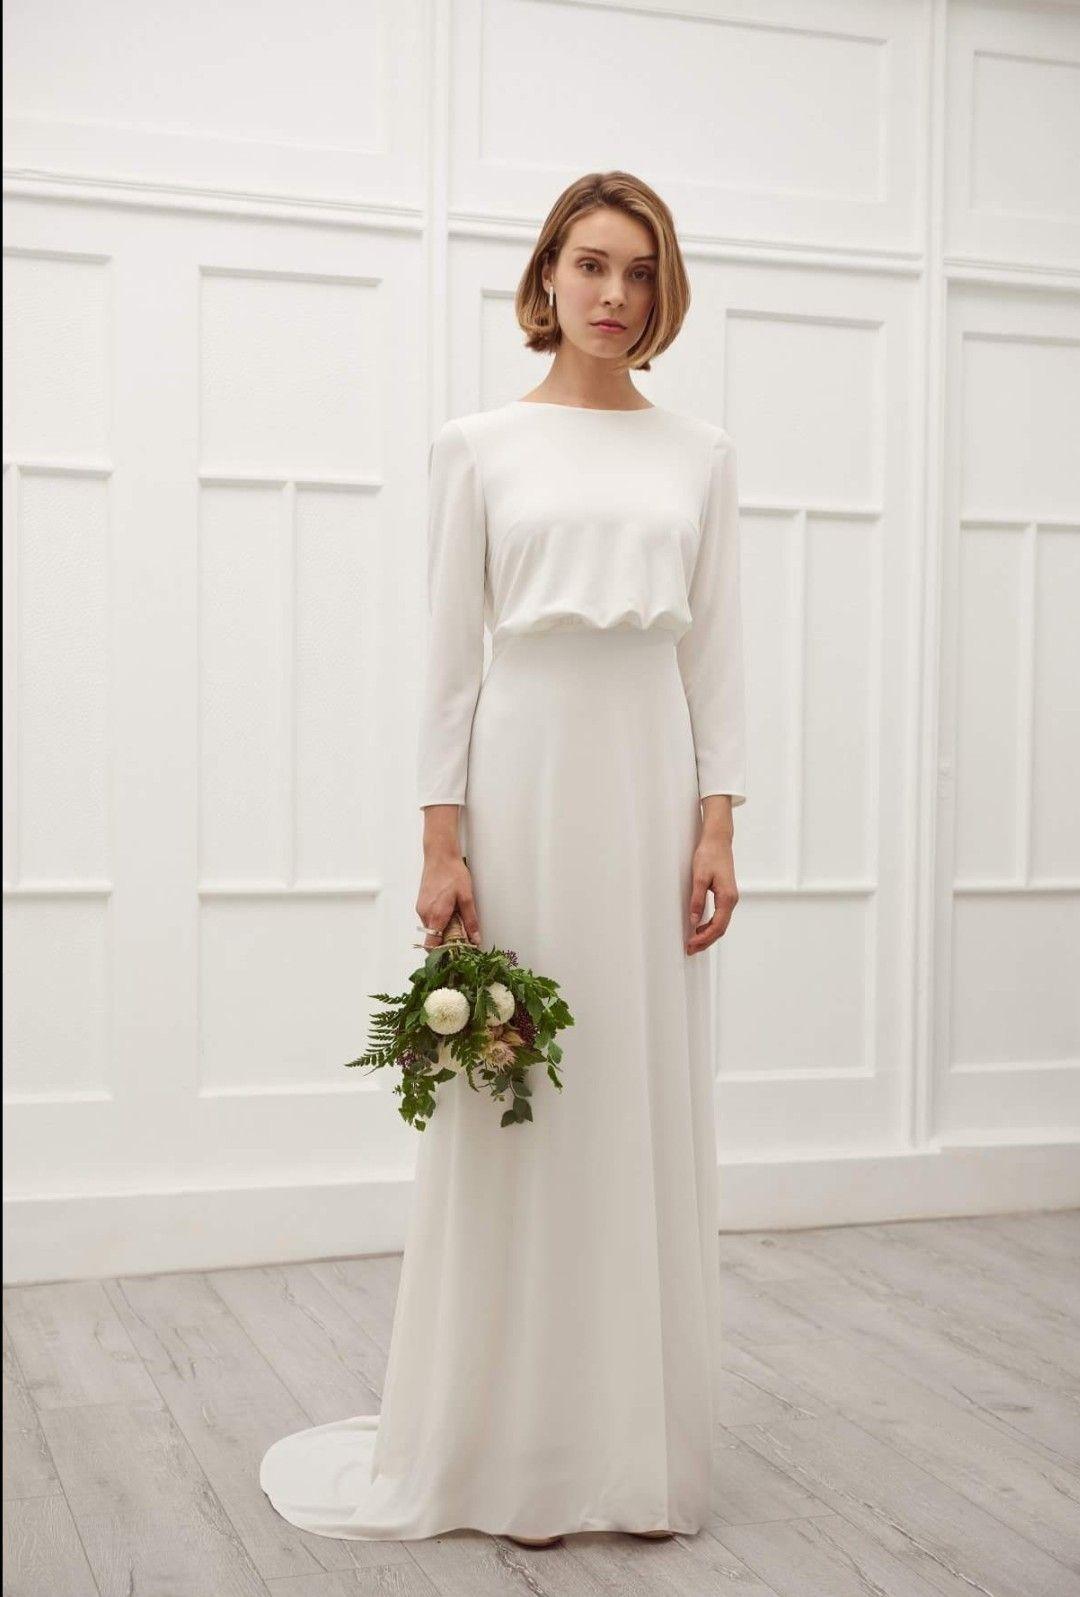 Lova Gown Viktoriachan Bridal Modern Bride Bridal Dress Simple Wedding Minimalistic Sophis Elegant Brudklanning Klanning Brollop Blygsamma Brollopsklanningar